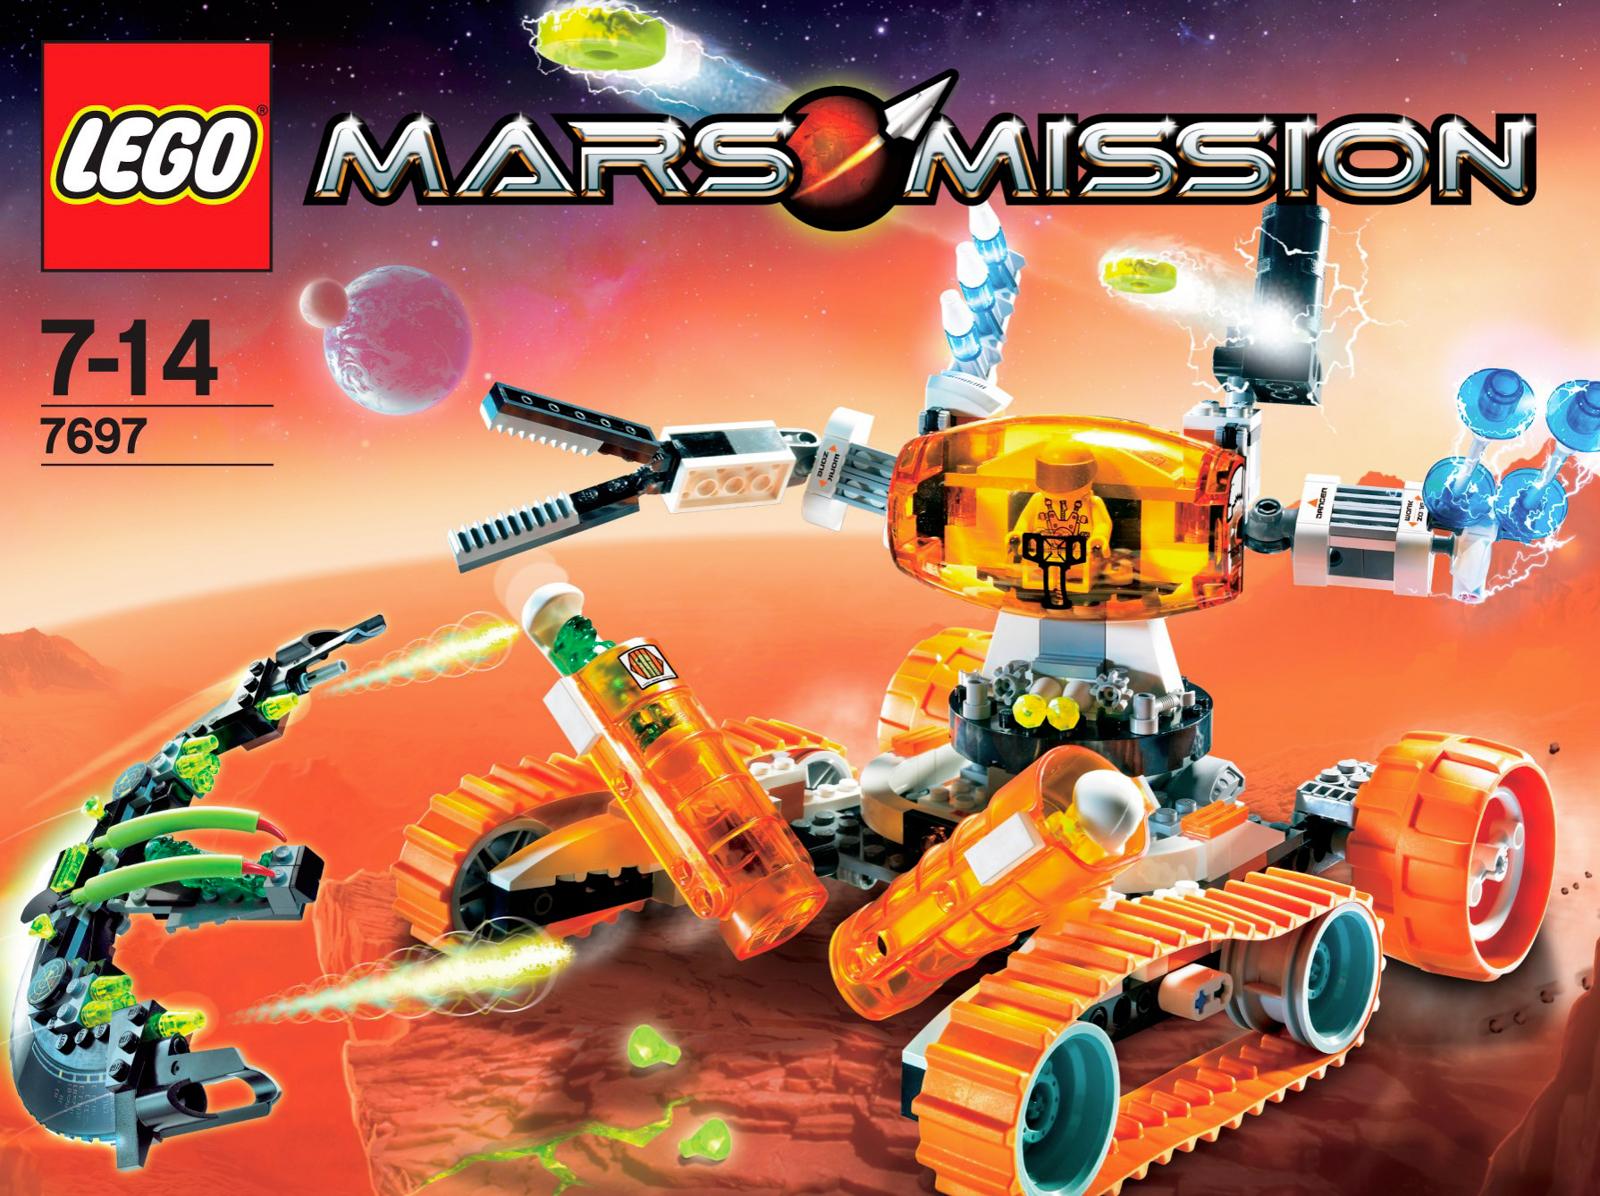 LEGO _005.jpg